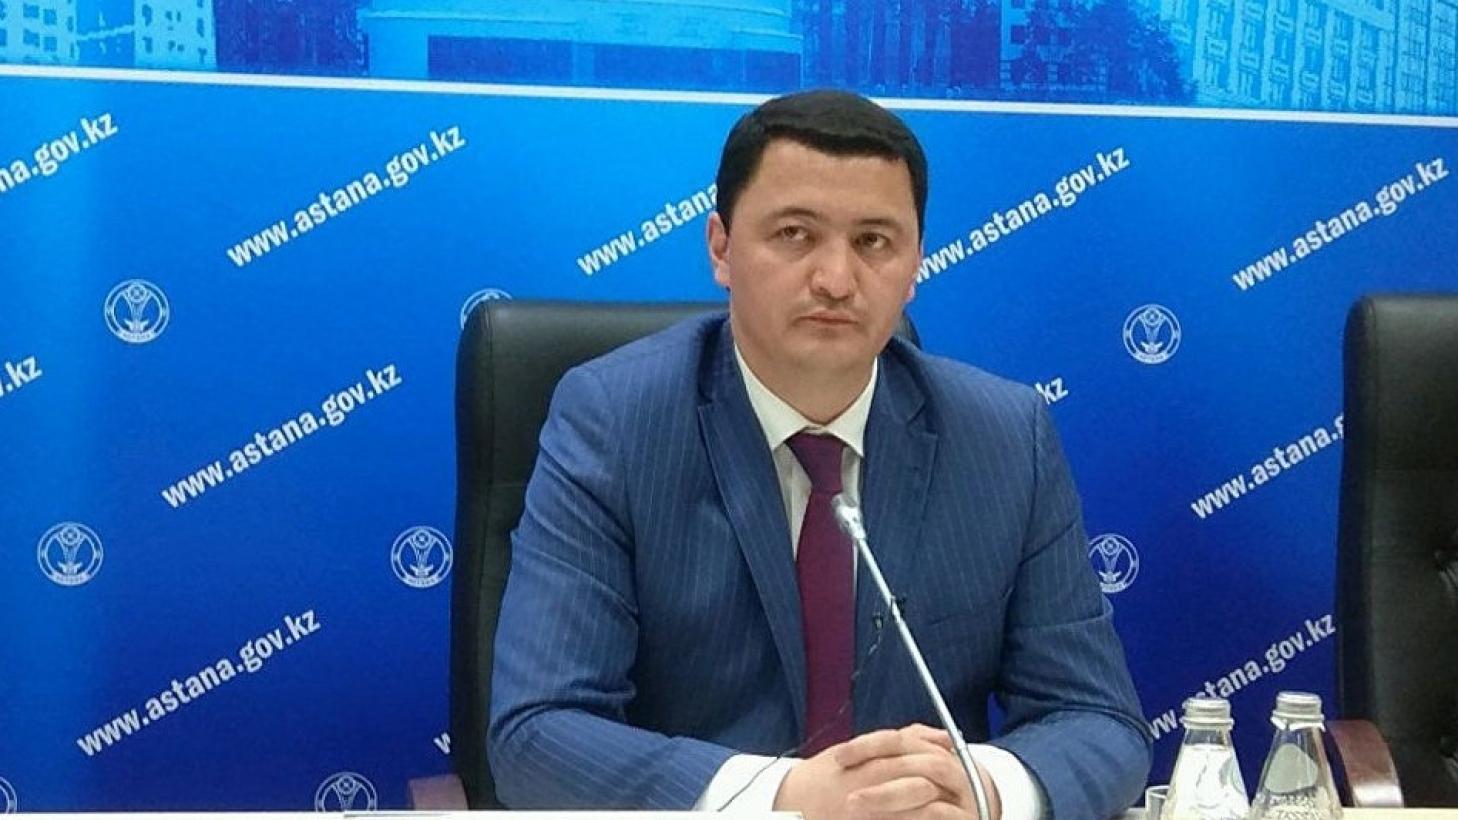 Вице-министр здравоохранения назначен в РК